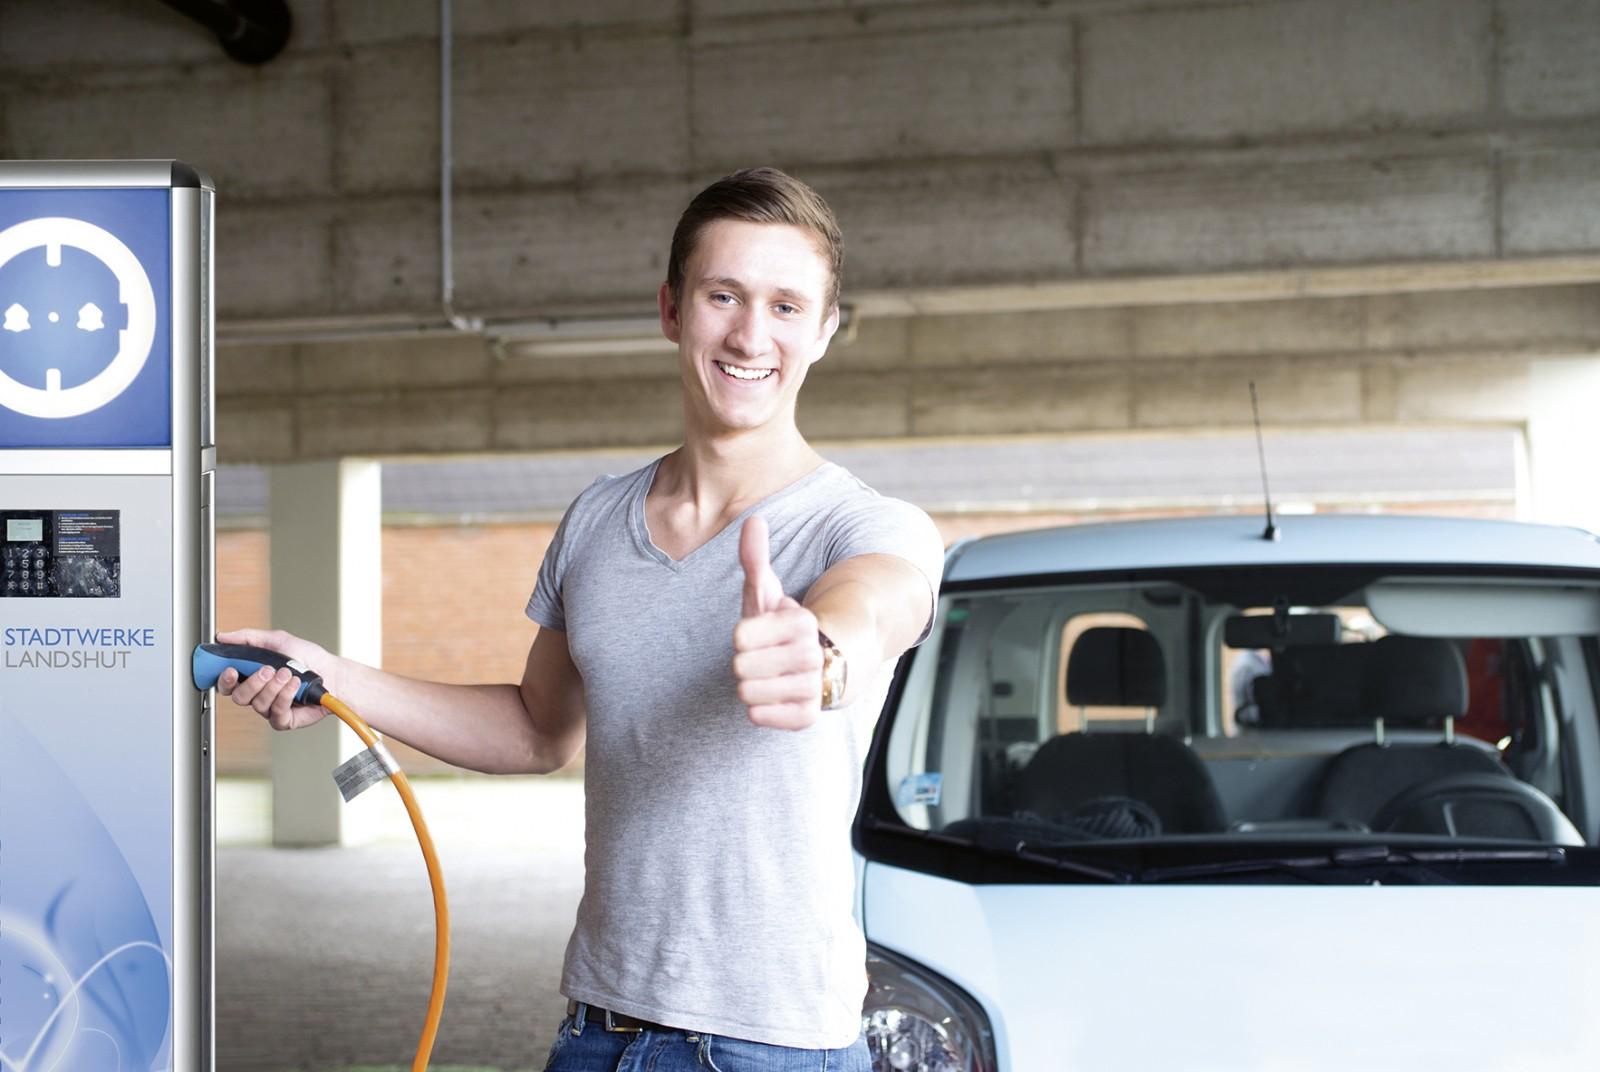 Mann tankt an Landshuter Stromtankstelle sein E-Auto auf